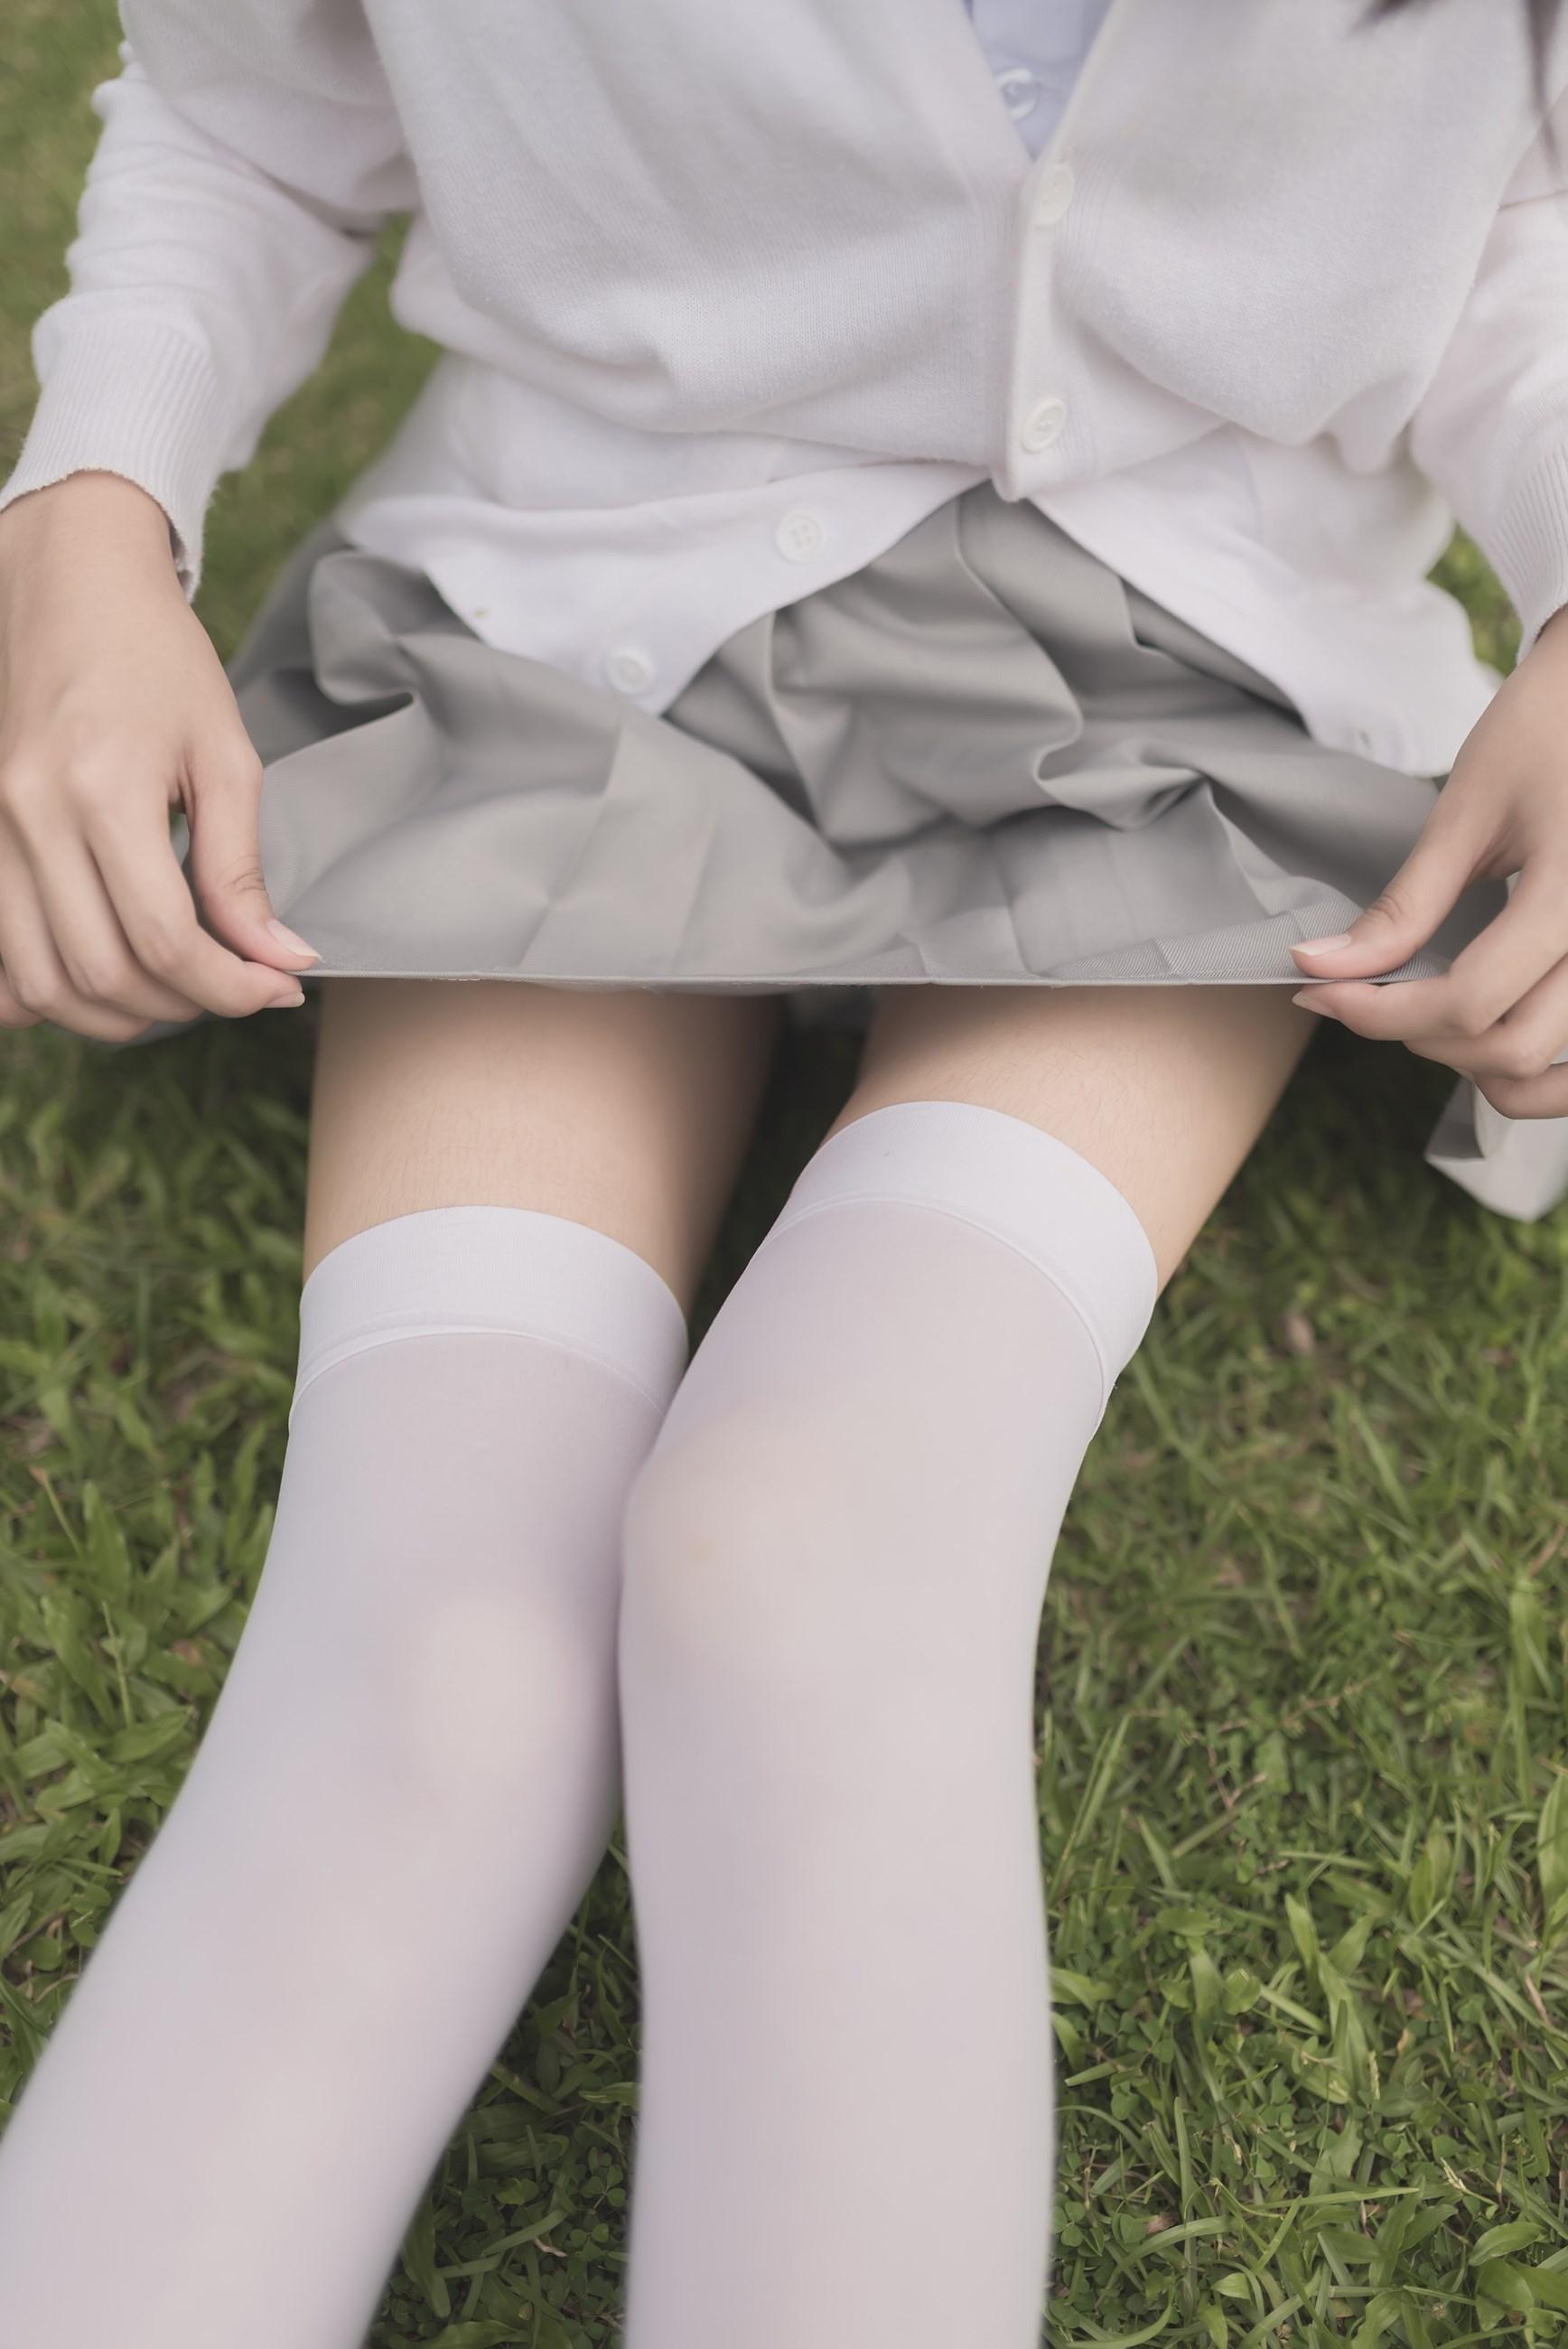 【兔玩映画】灰色天空 兔玩映画 第50张